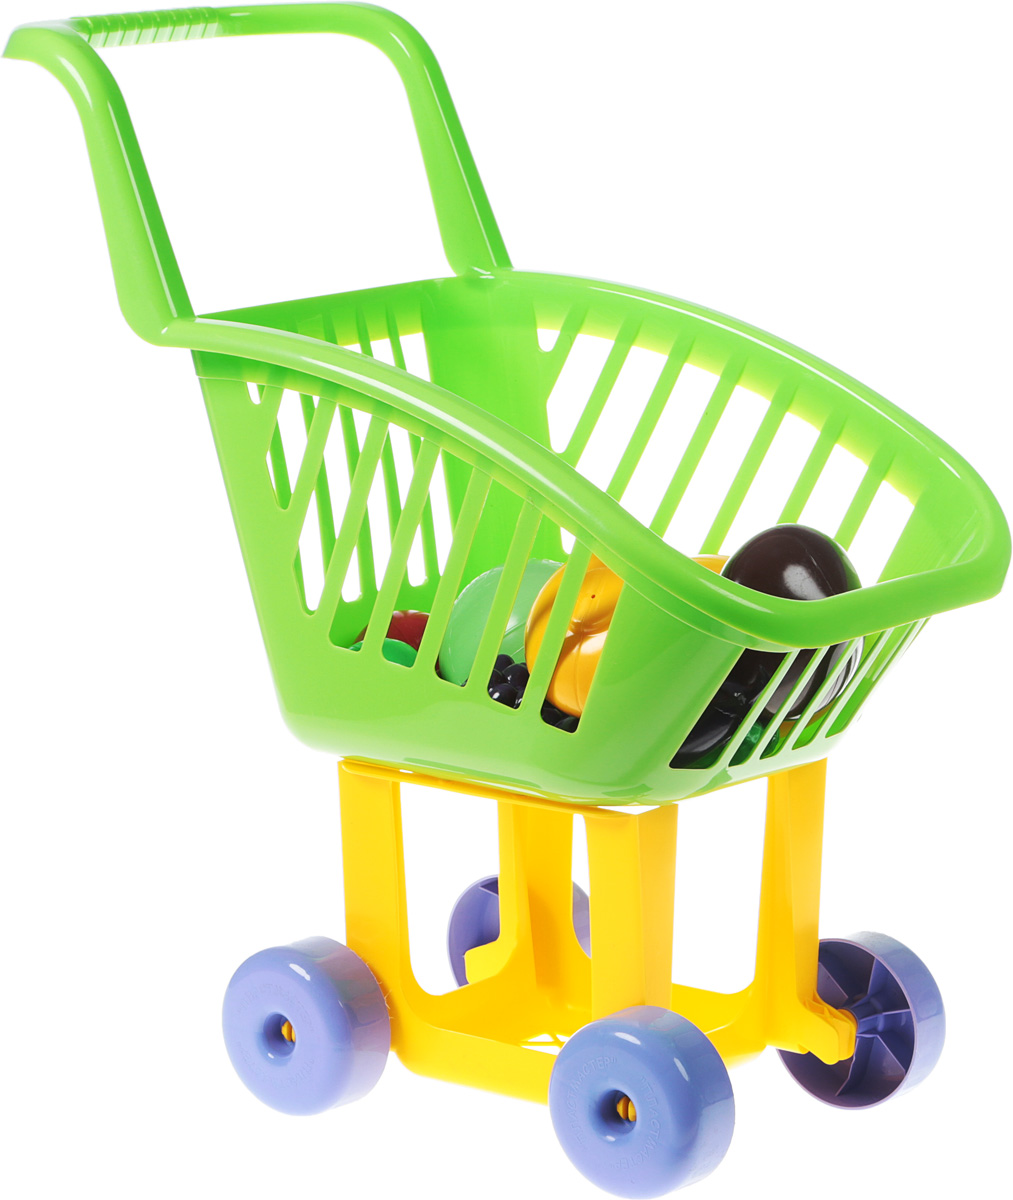 Пластмастер Игровой набор Мой Урожай цвет зеленый желтый пластмастер игровой набор строймаркет цвет синий белый